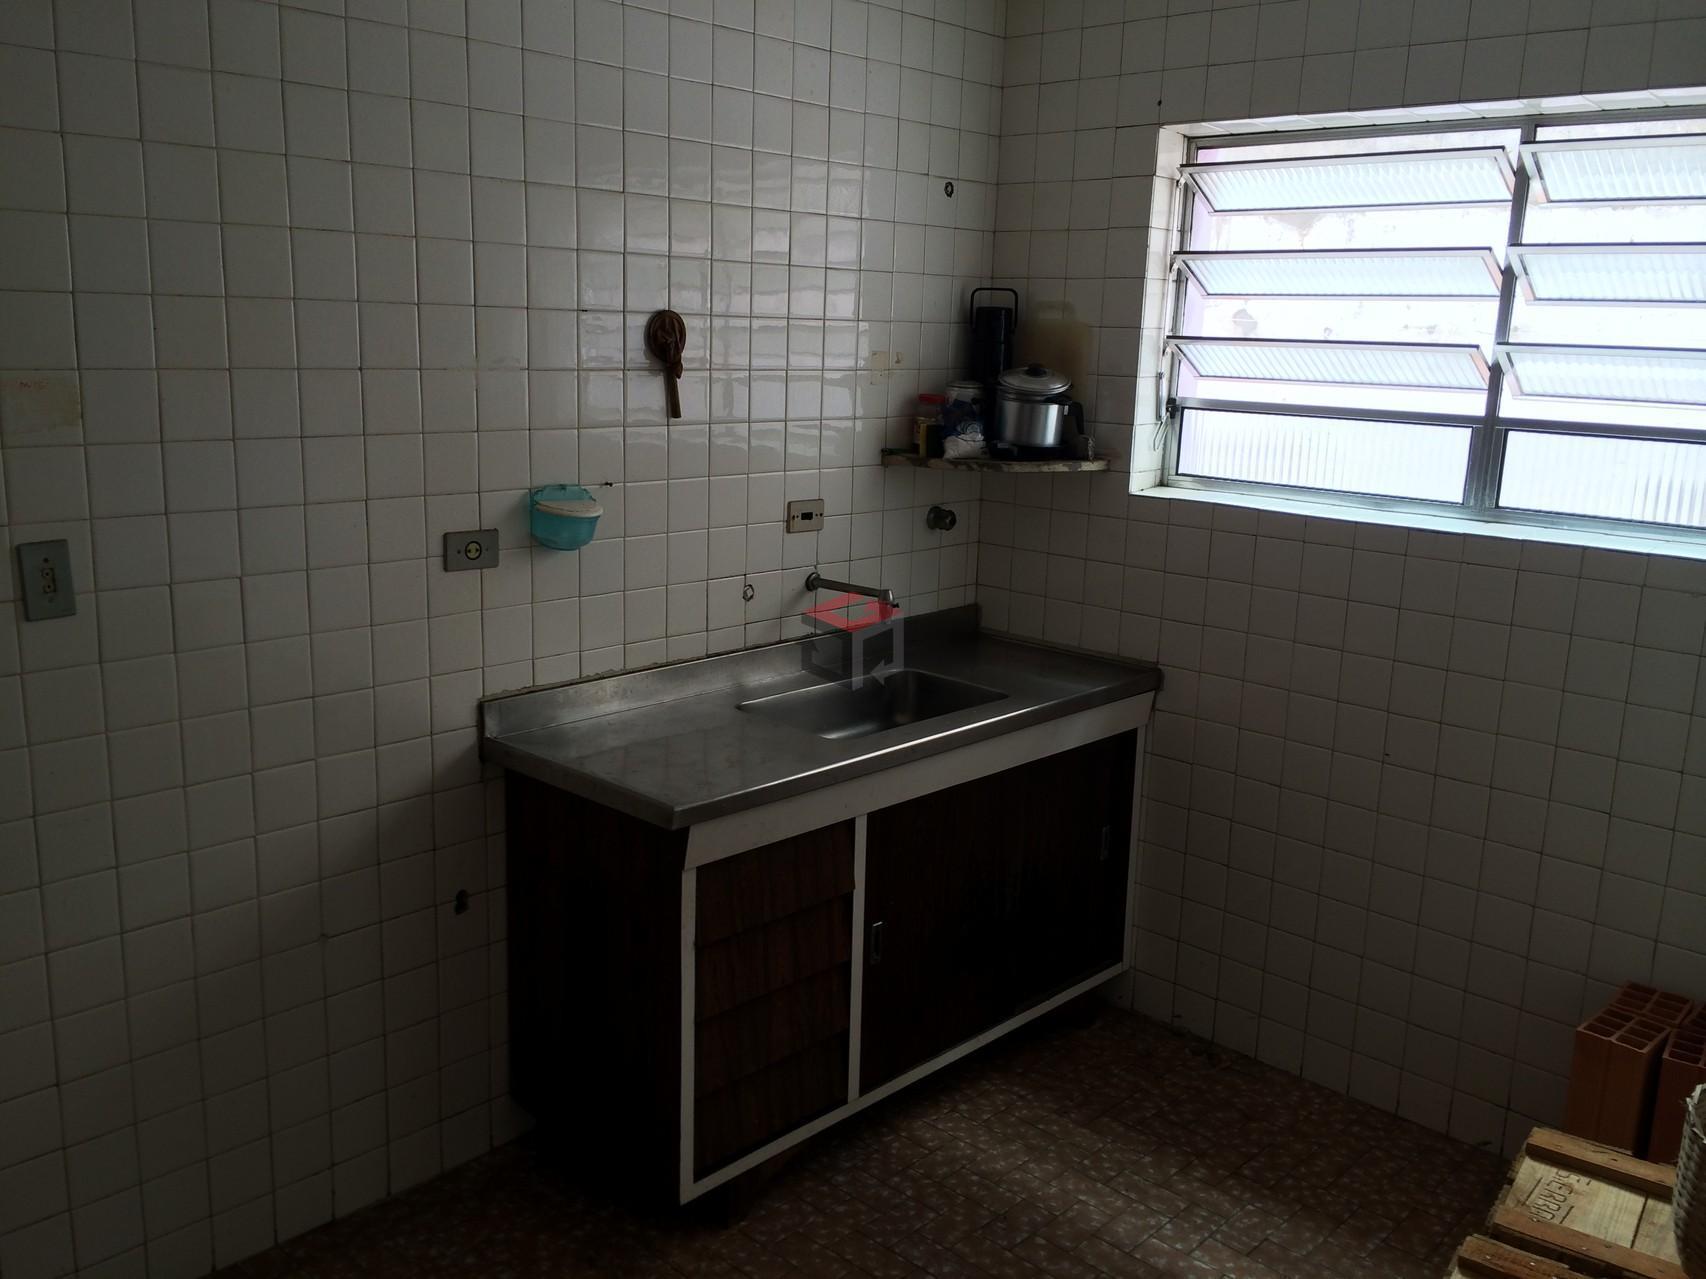 Sobrado de 5 dormitórios à venda em Vila Marlene, São Bernardo Do Campo - SP